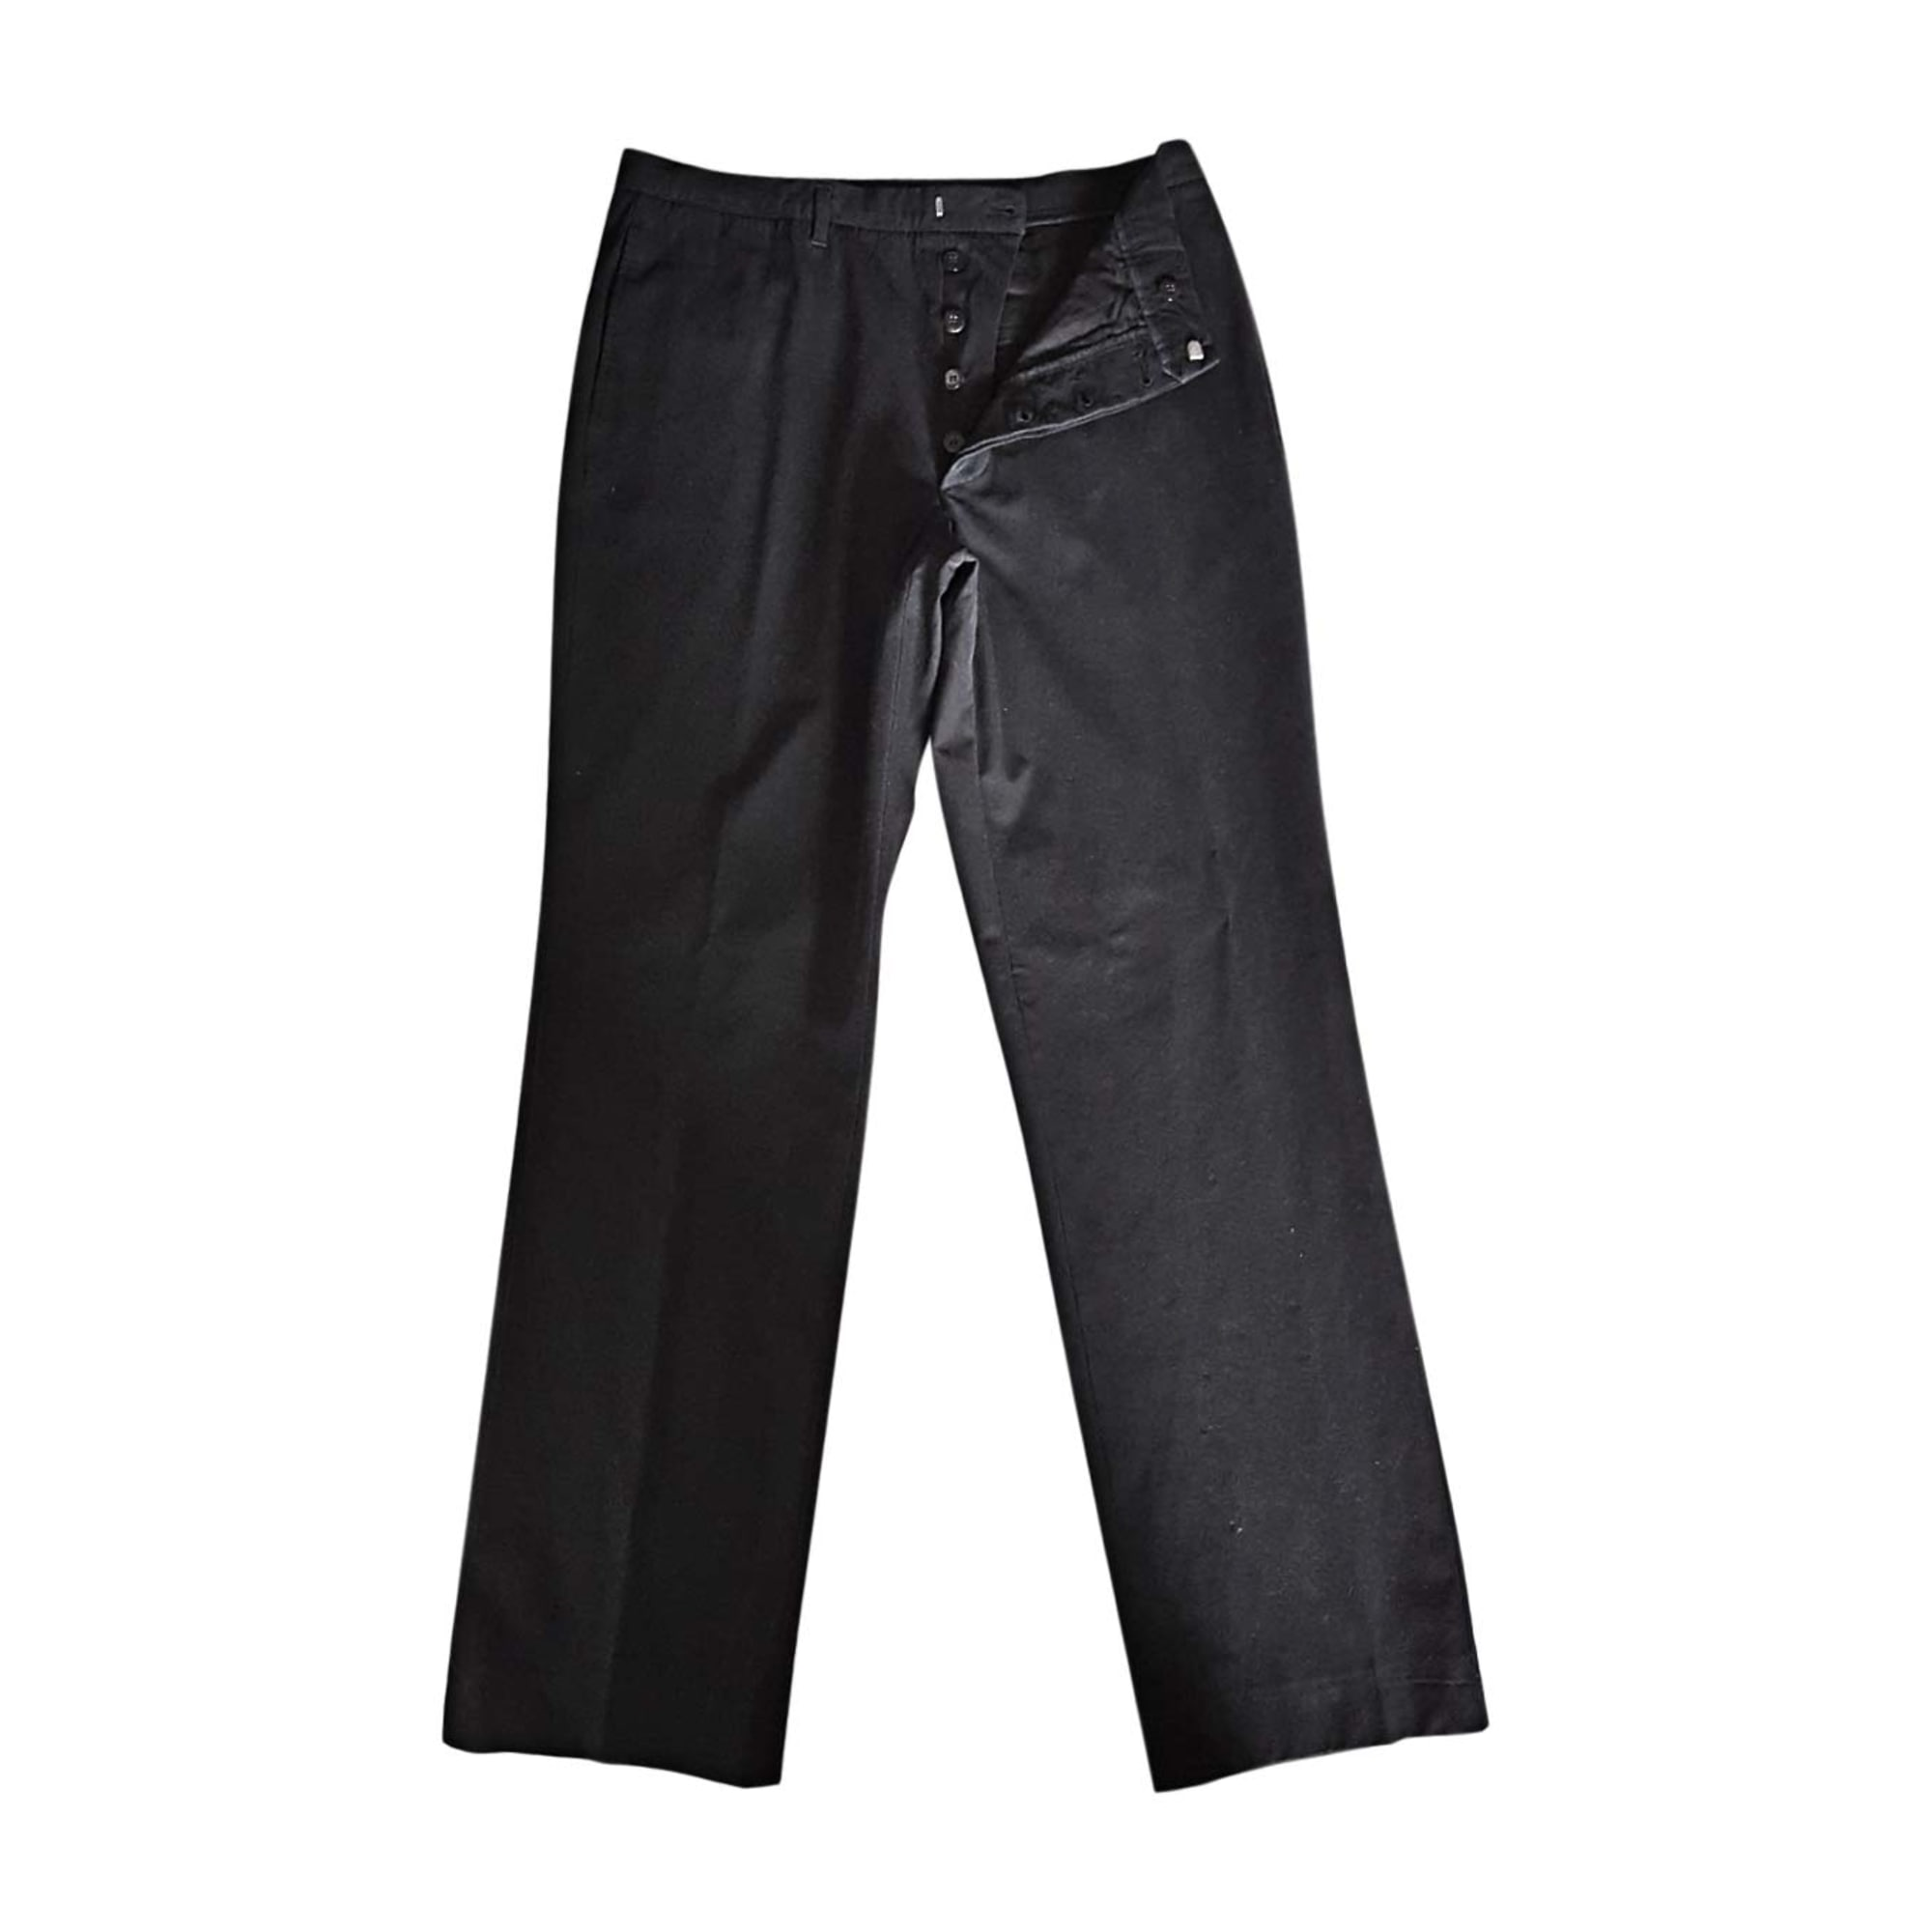 fb5a63f480647 Pantalon droit JIL SANDER 40 (M) noir - 7941038